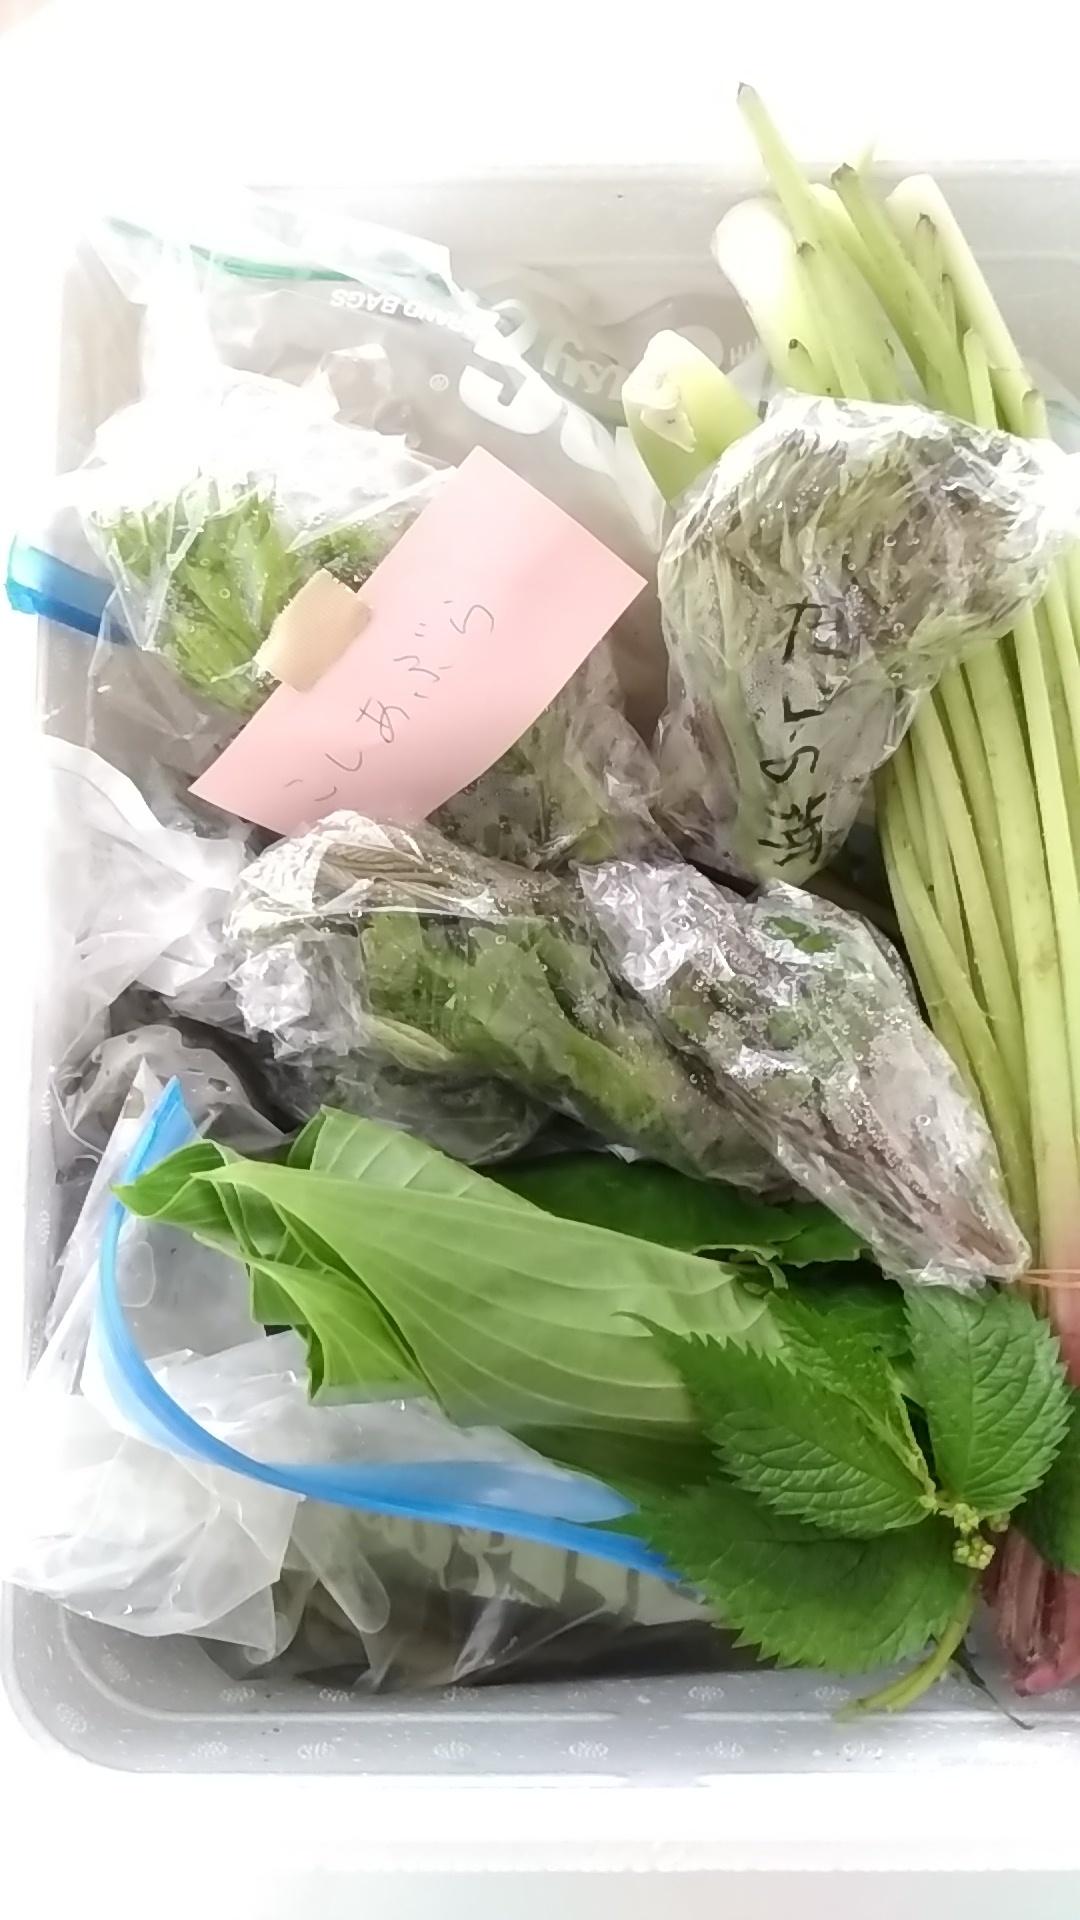 山下さん家@鳥取から山菜が届きました(^^♪_b0204930_16135753.jpg